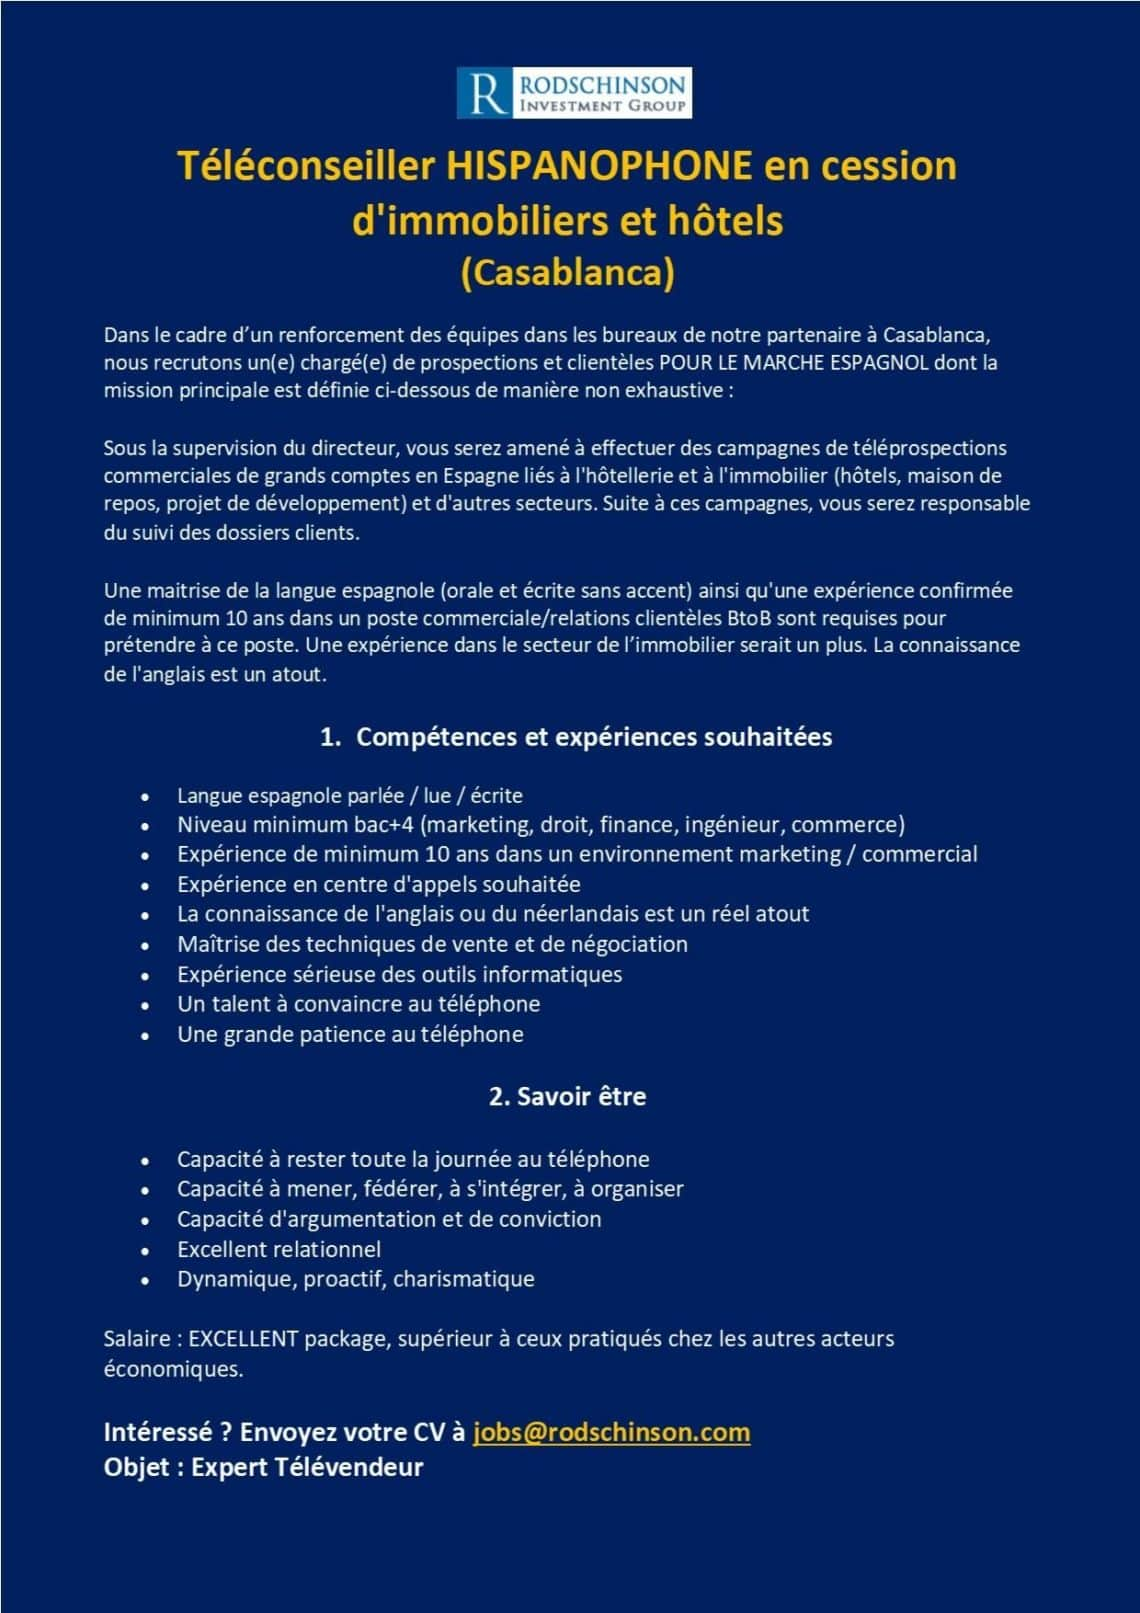 سار للطلبة: حملة توظيف ازيد من 60 منصب باكبر الشركات المغربية